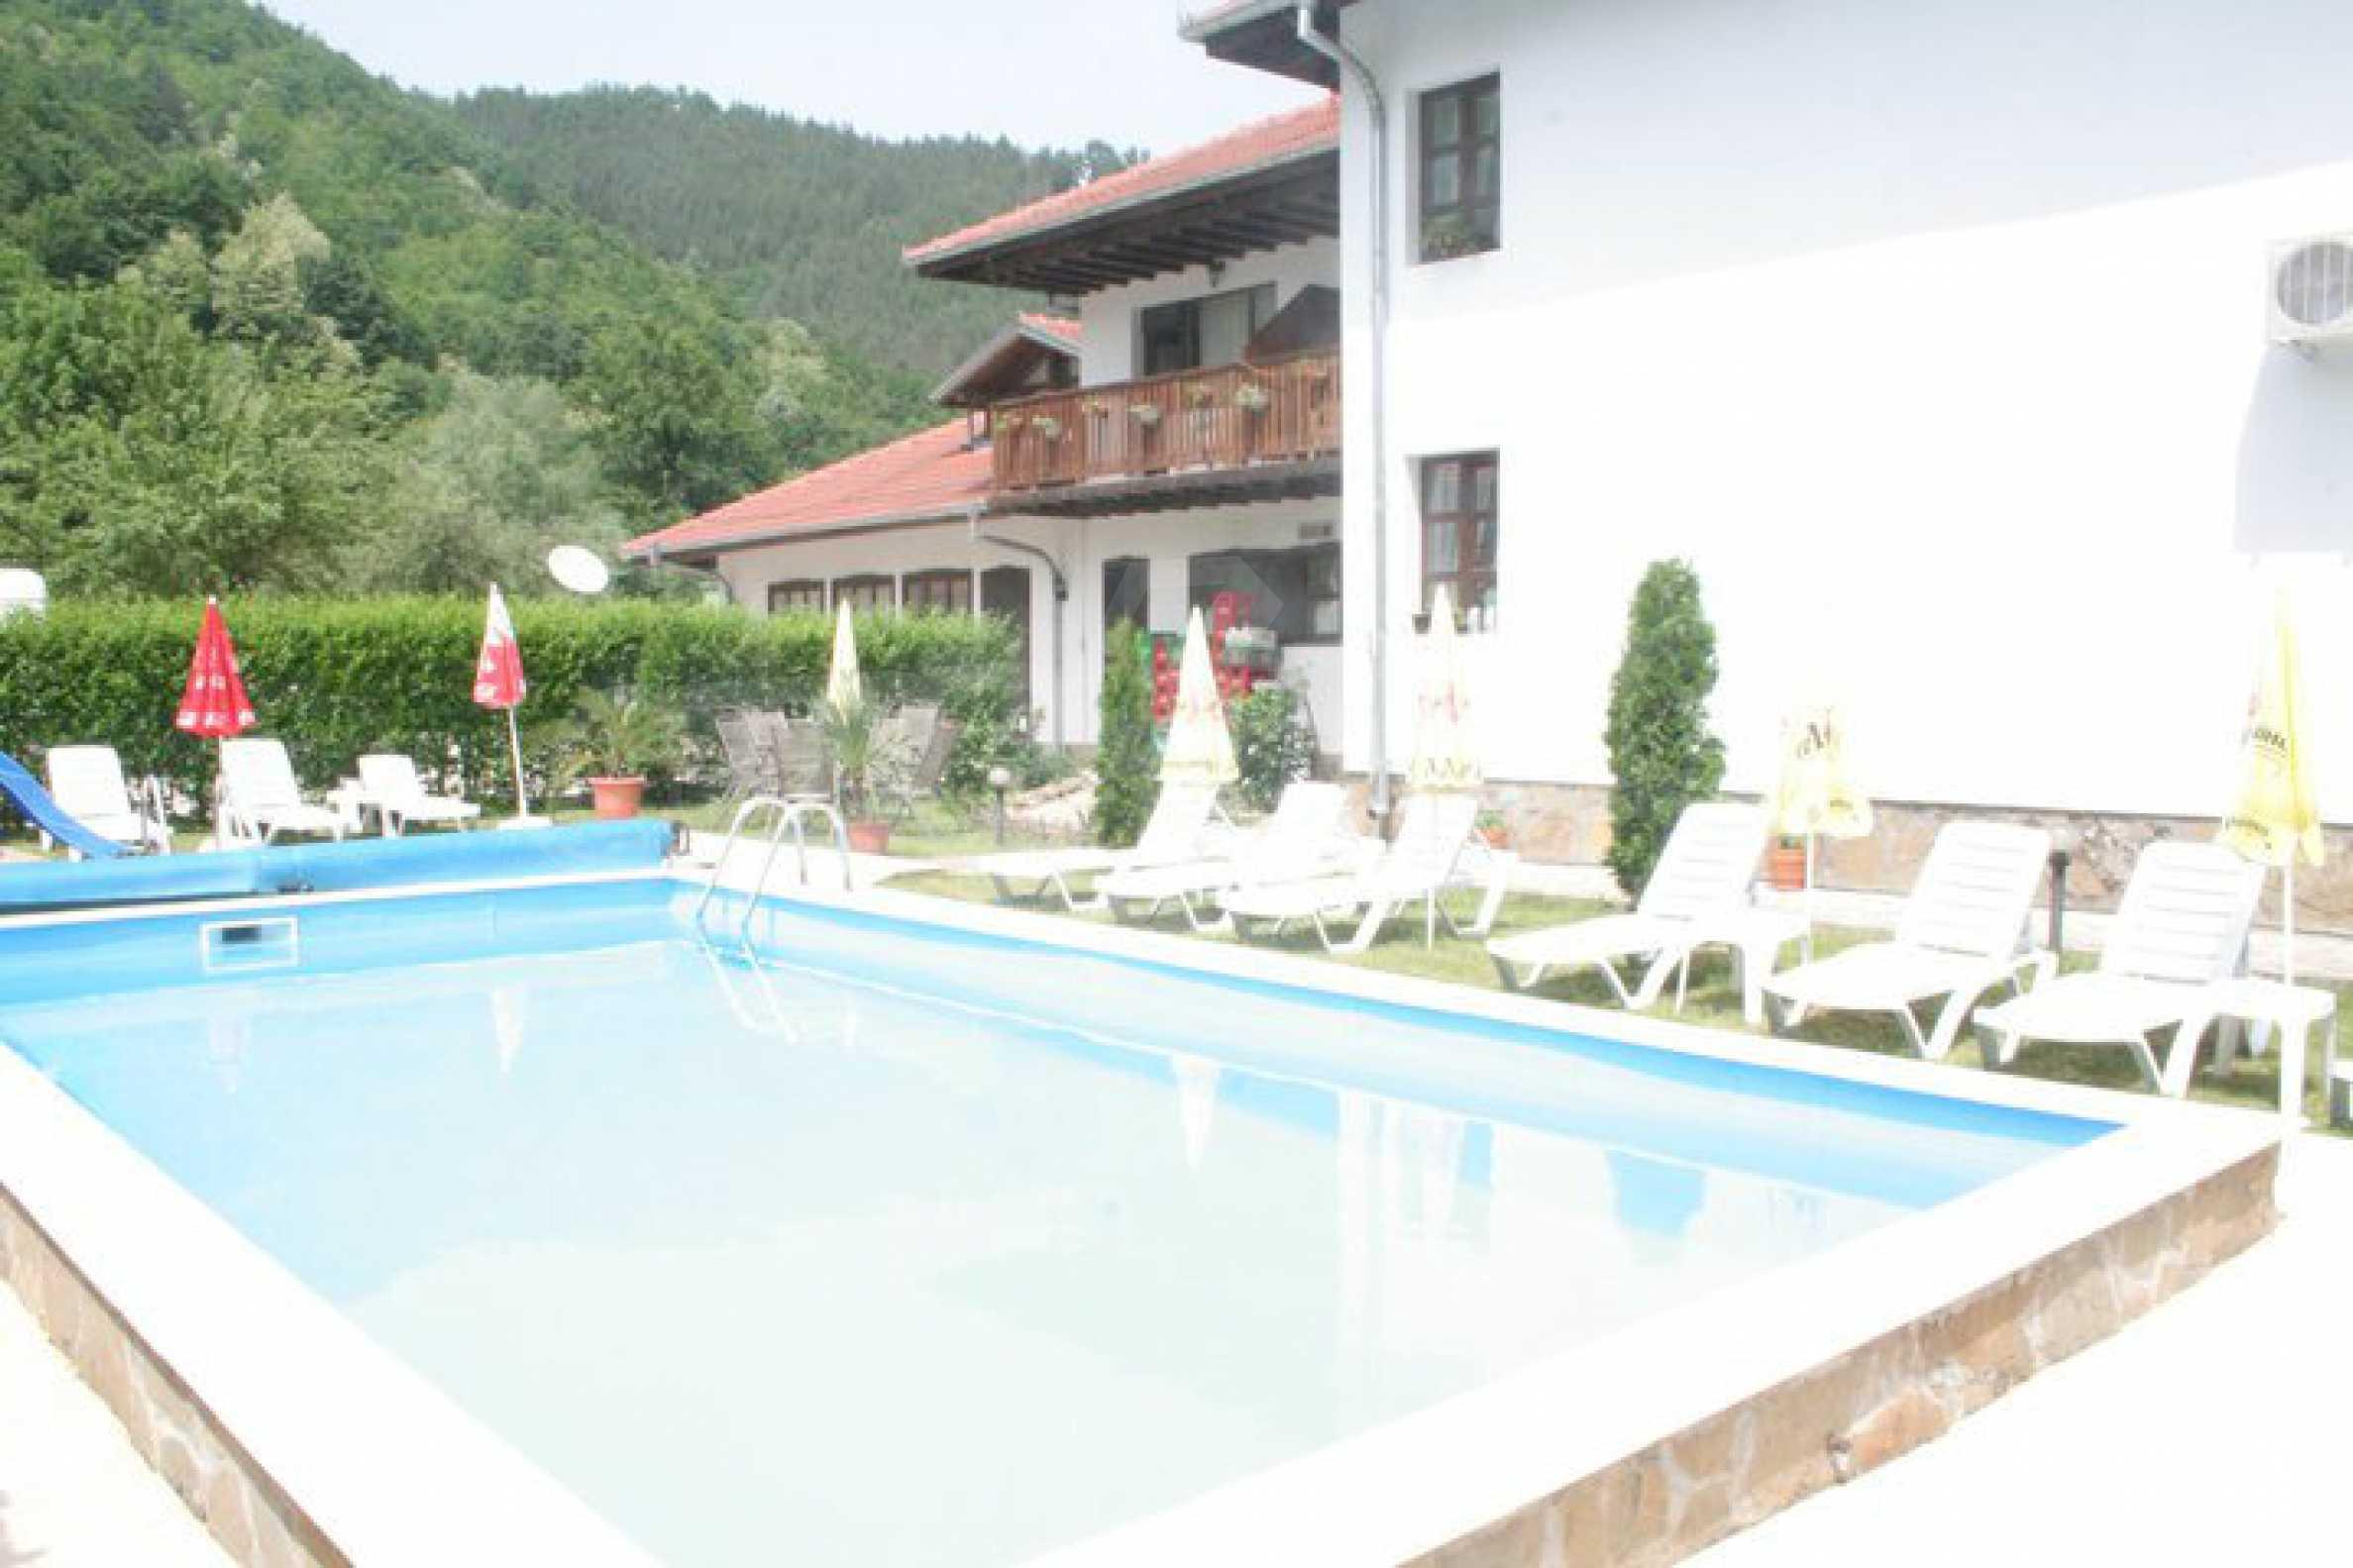 Gemütliches Hotel mit Pool im Herzen des Balkangebirges 1